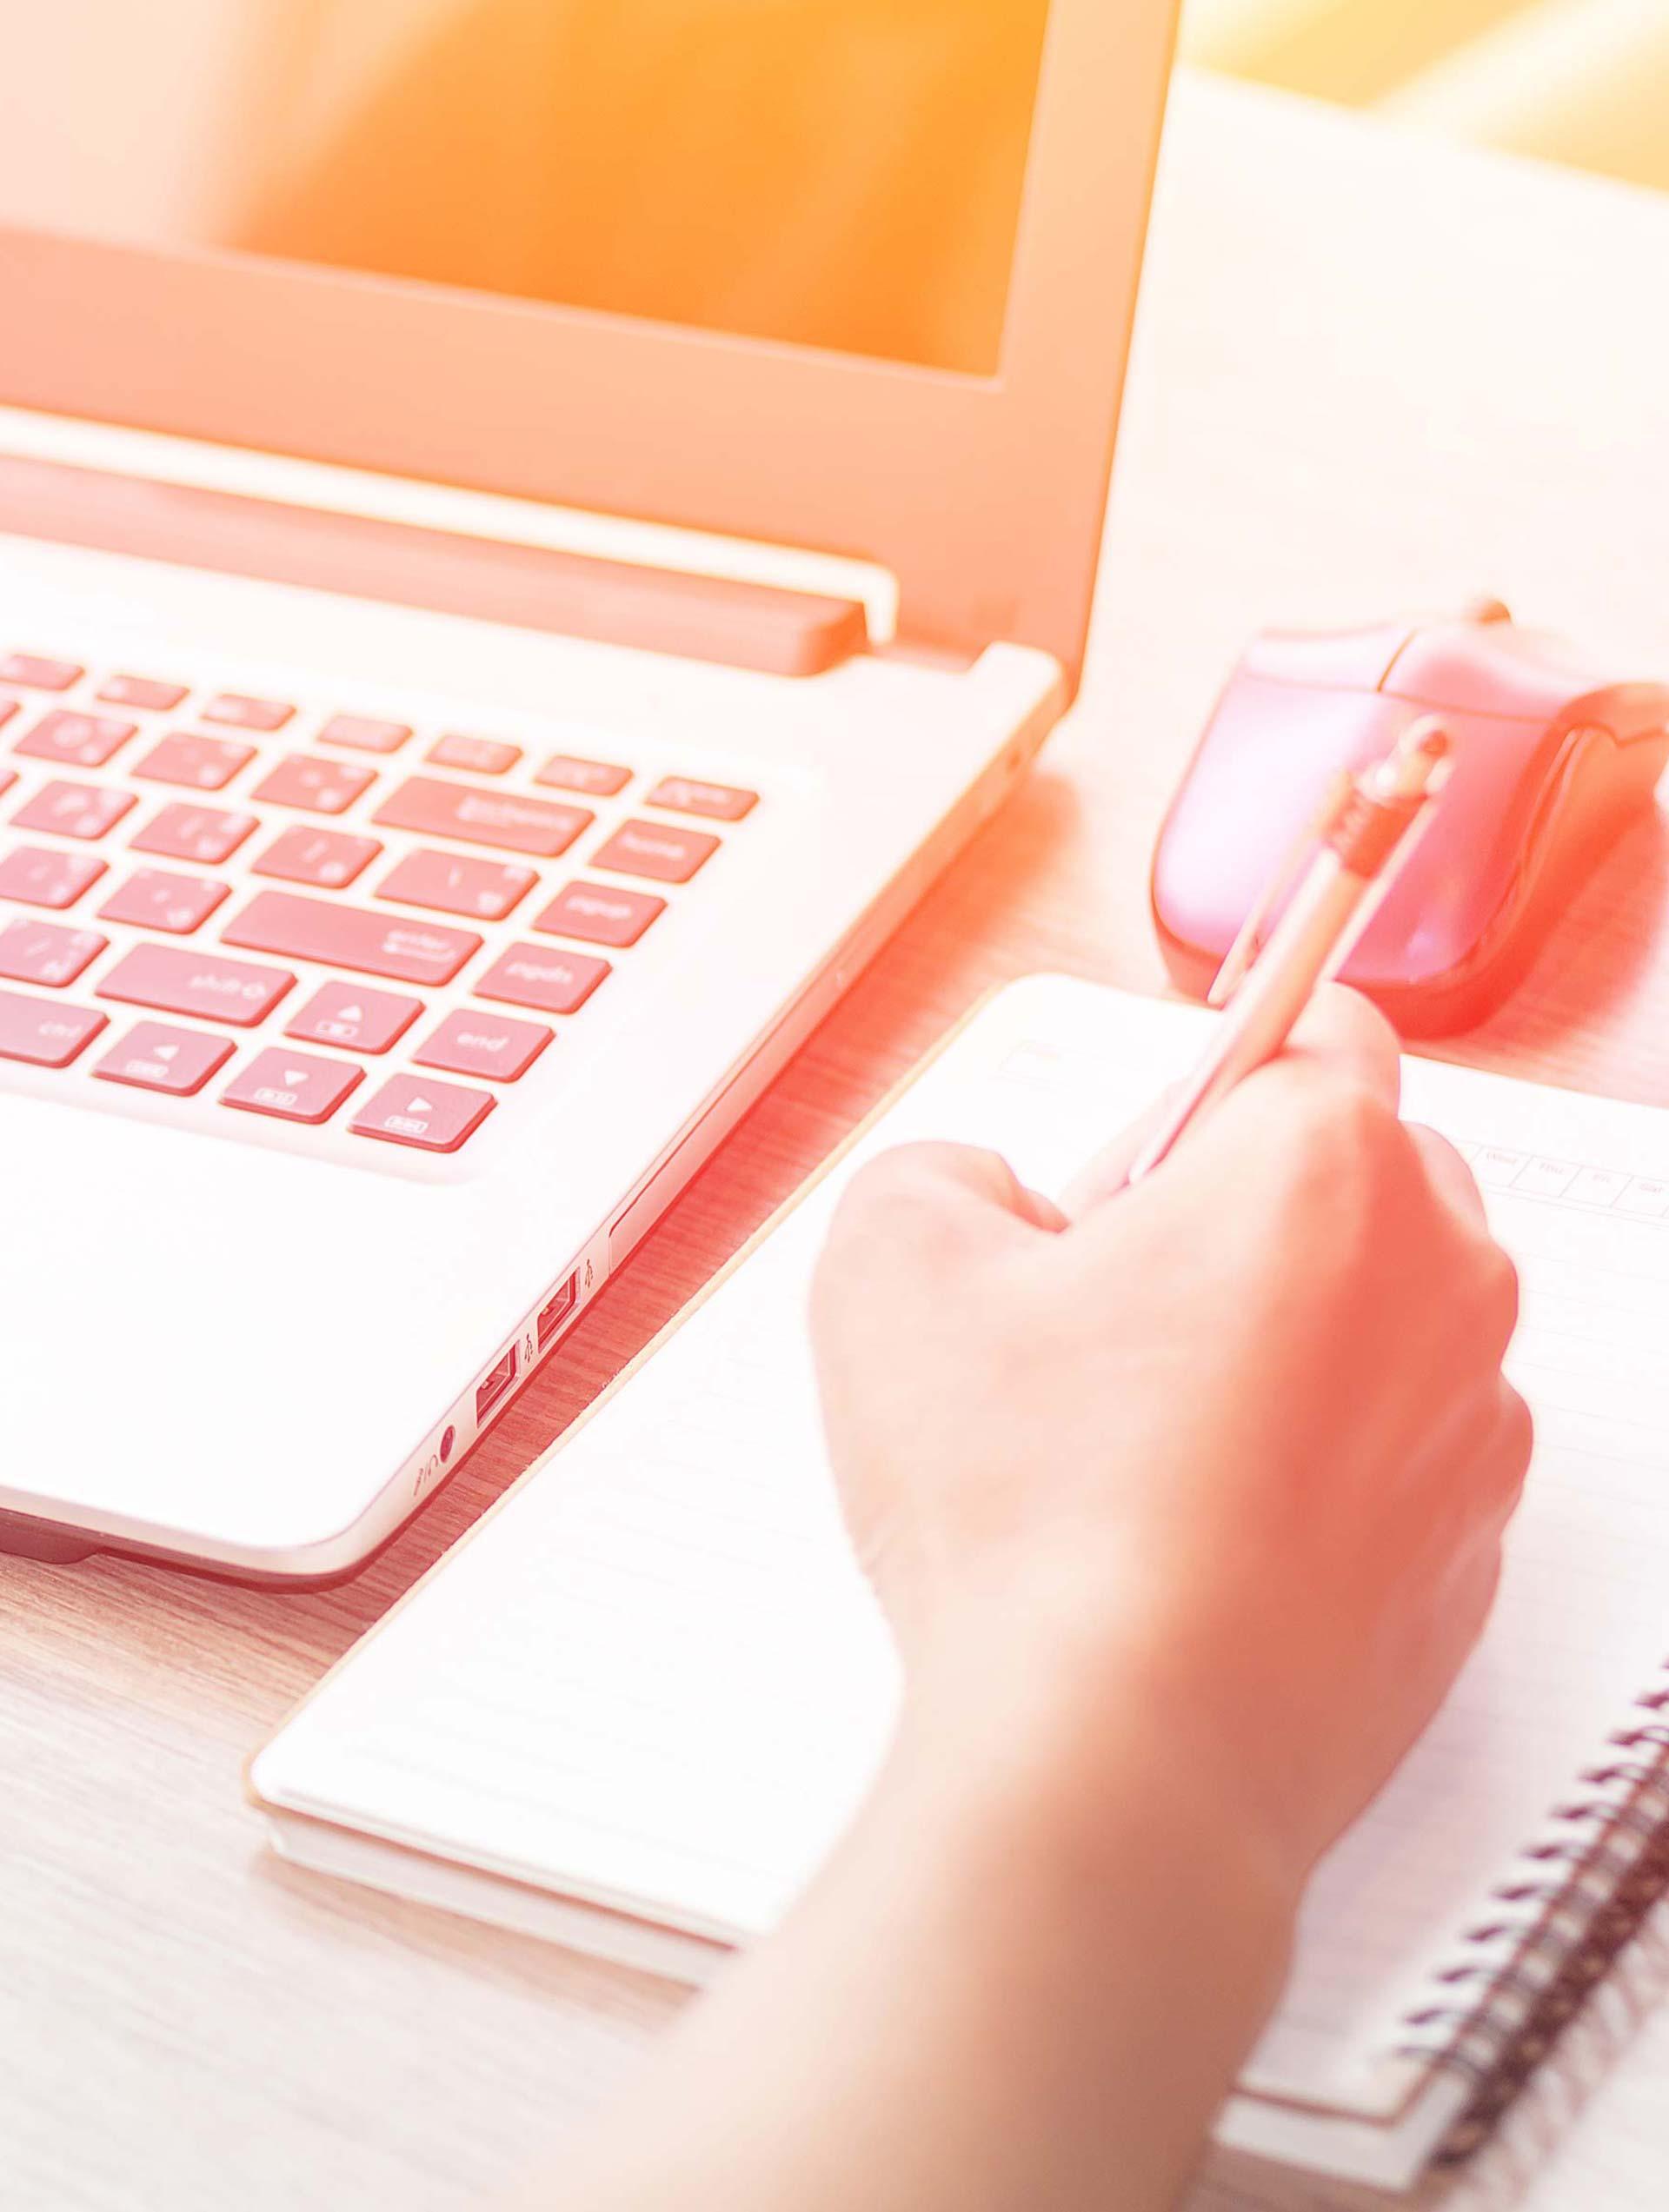 Tutoría y enseñanzas para e-learning